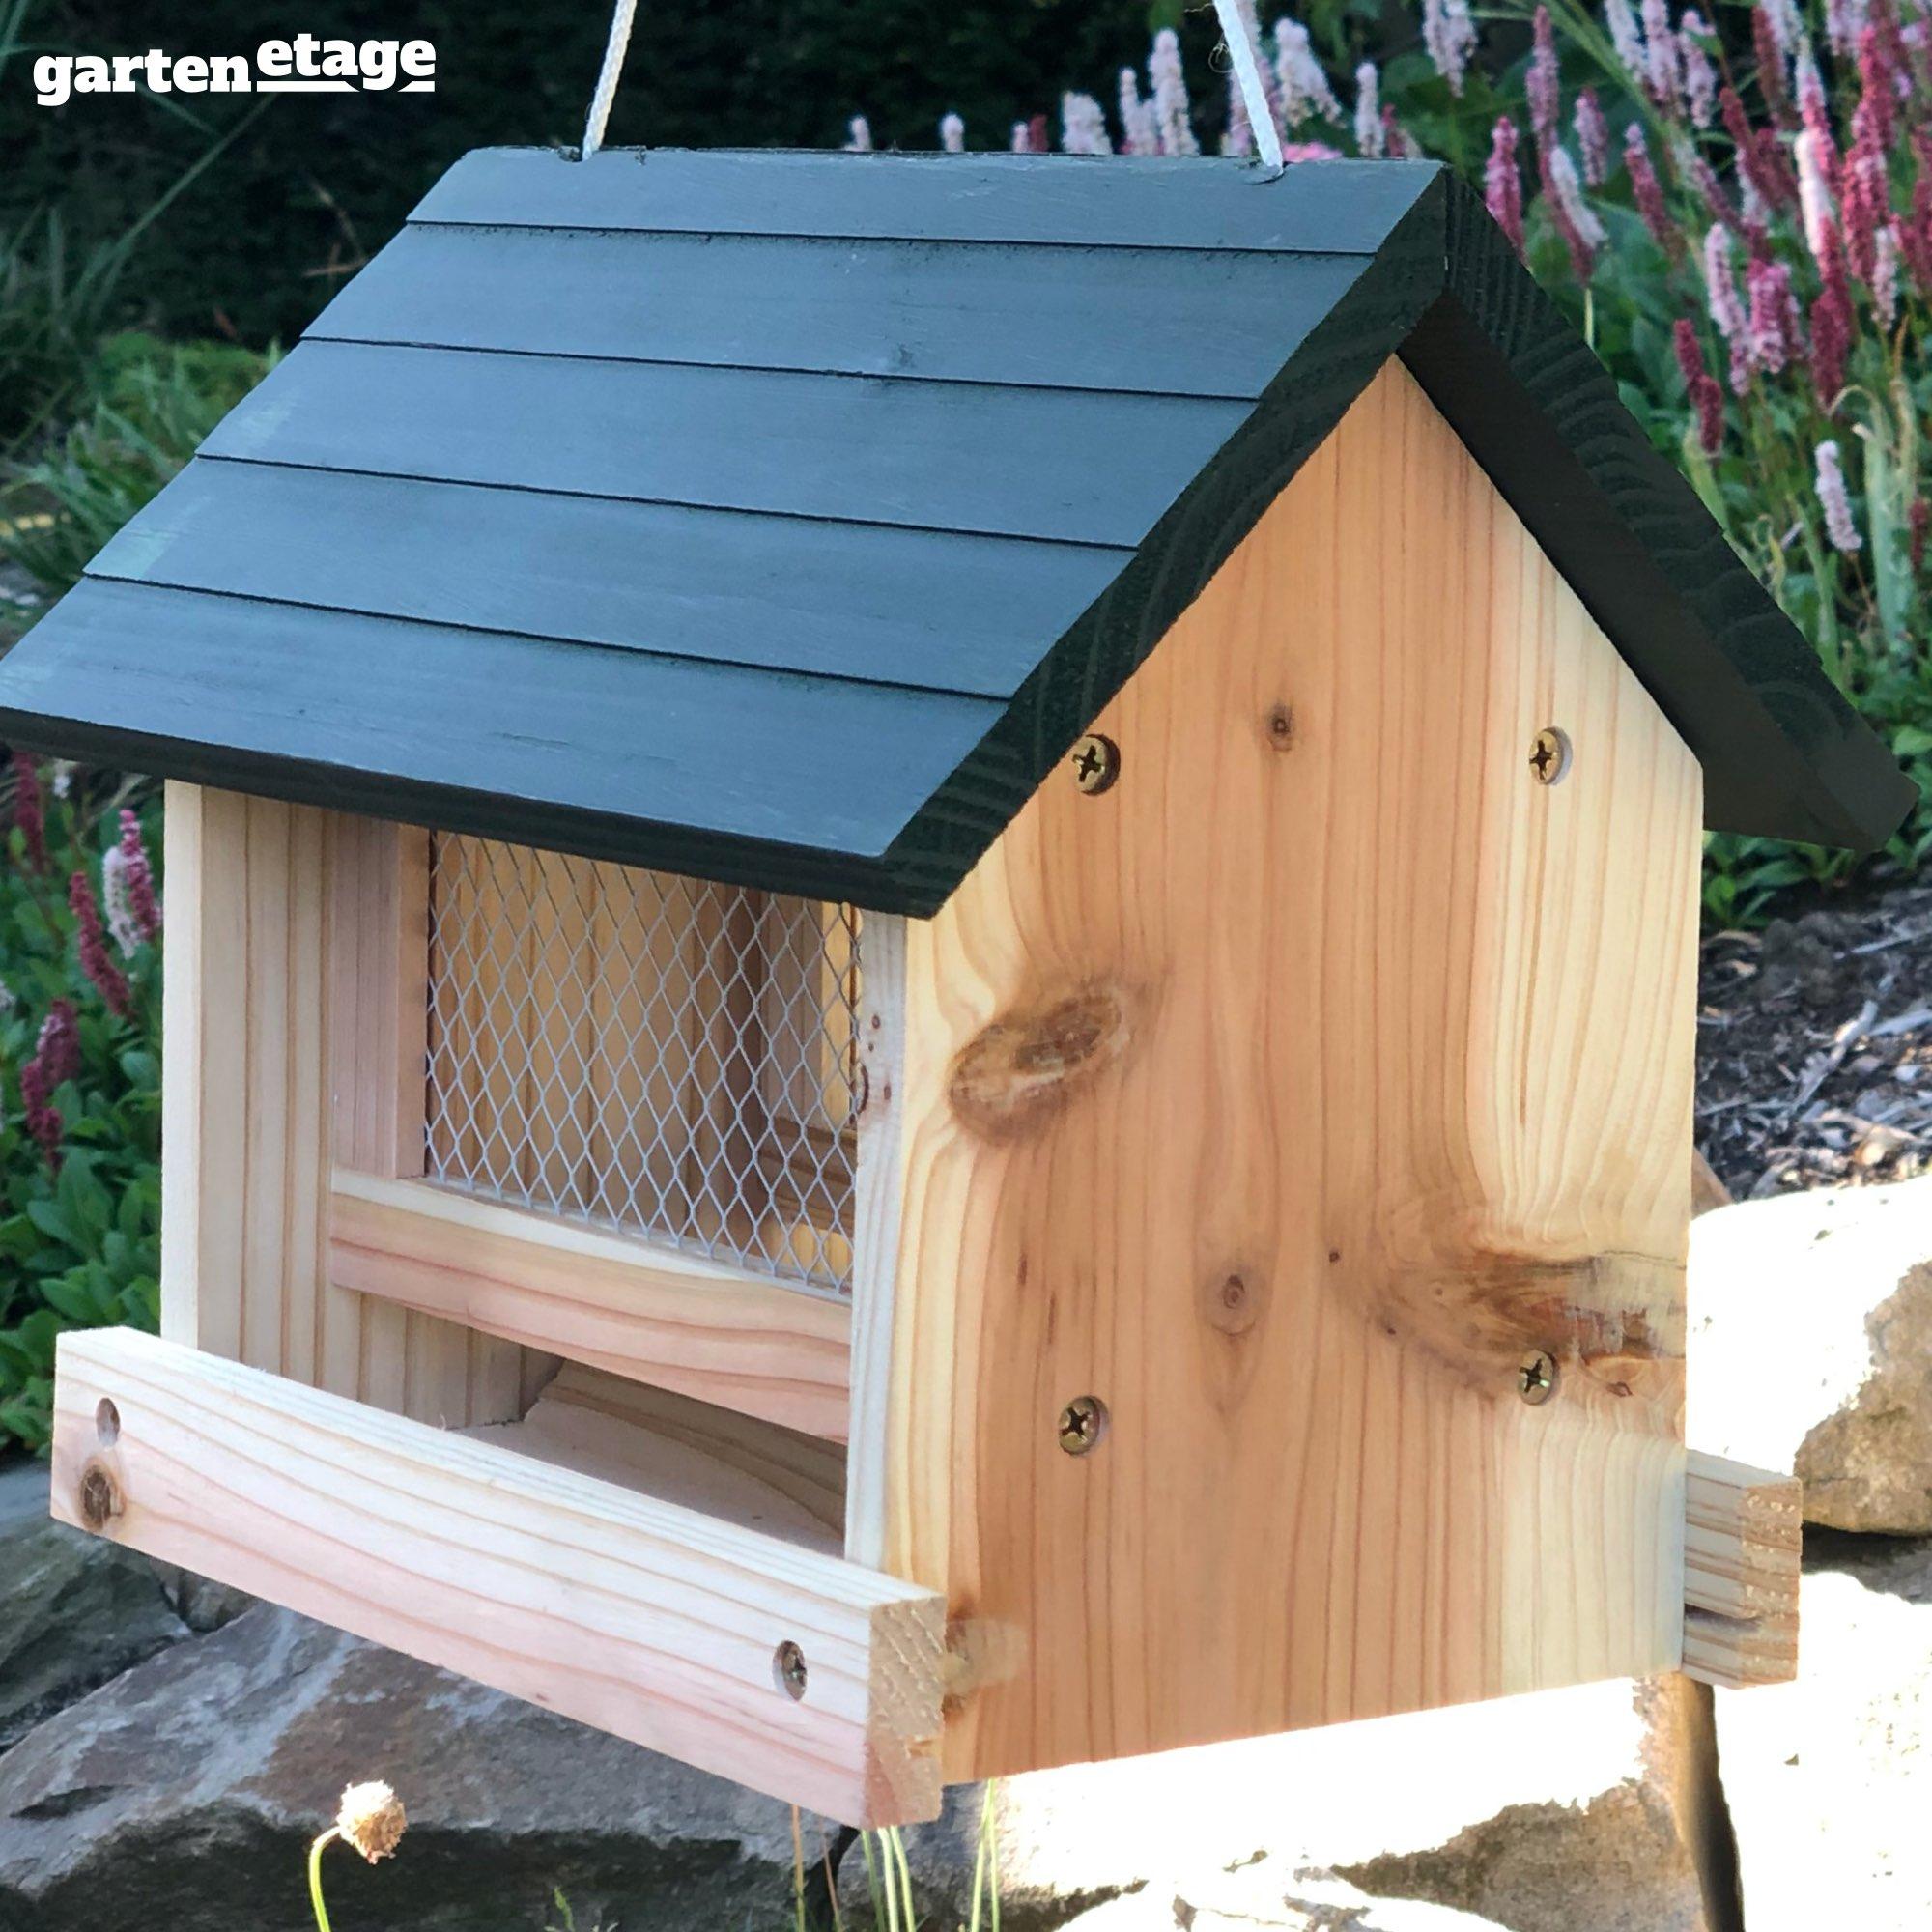 vogelhaus bausatz mit futtersilo online kaufen